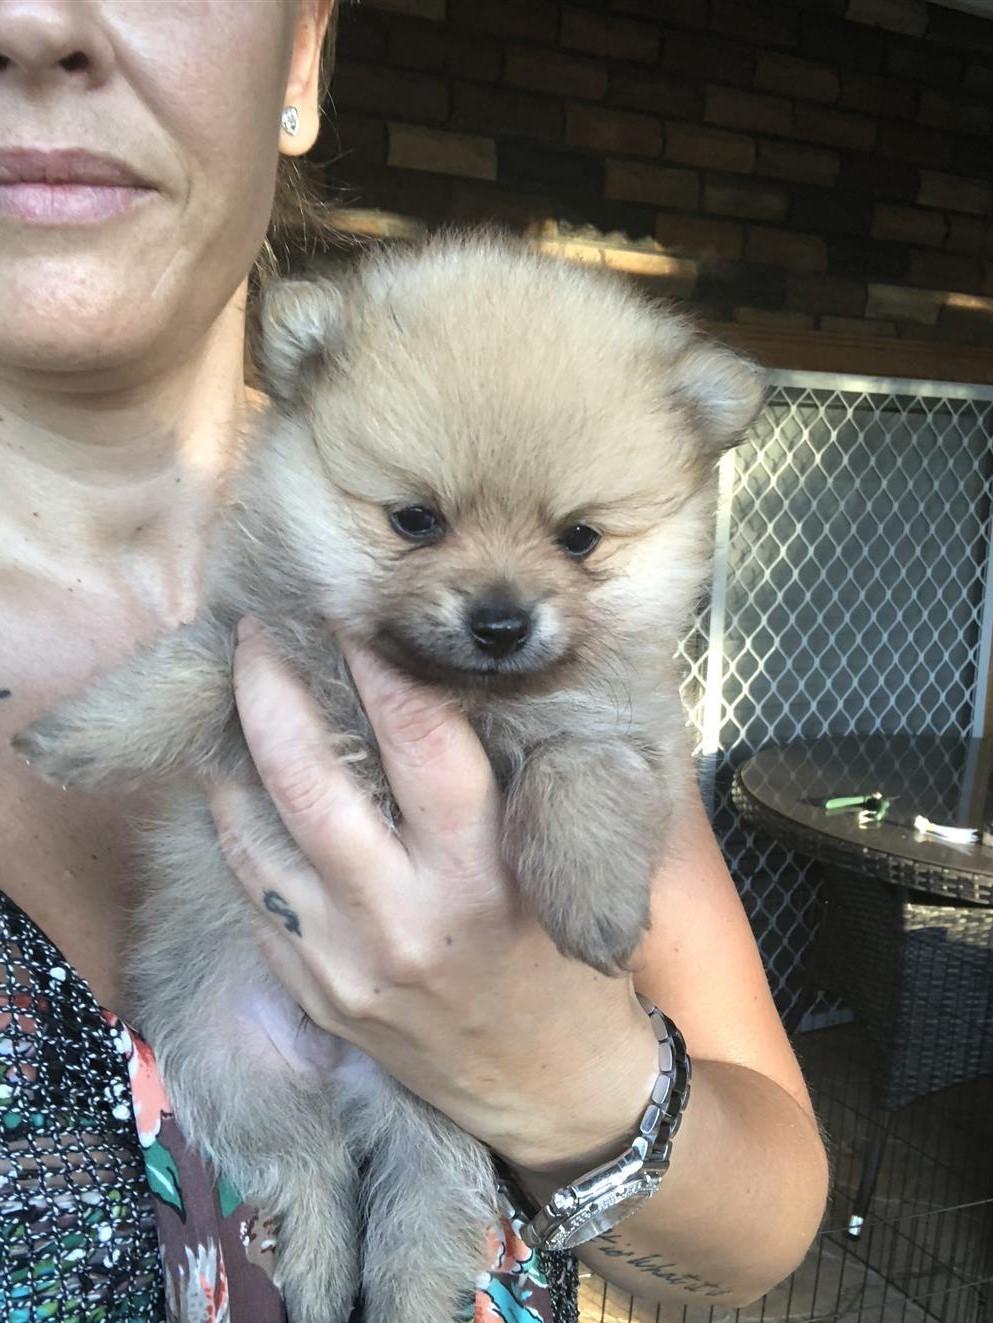 Miniature Purebred Pomeranian puppies   Junk Mail